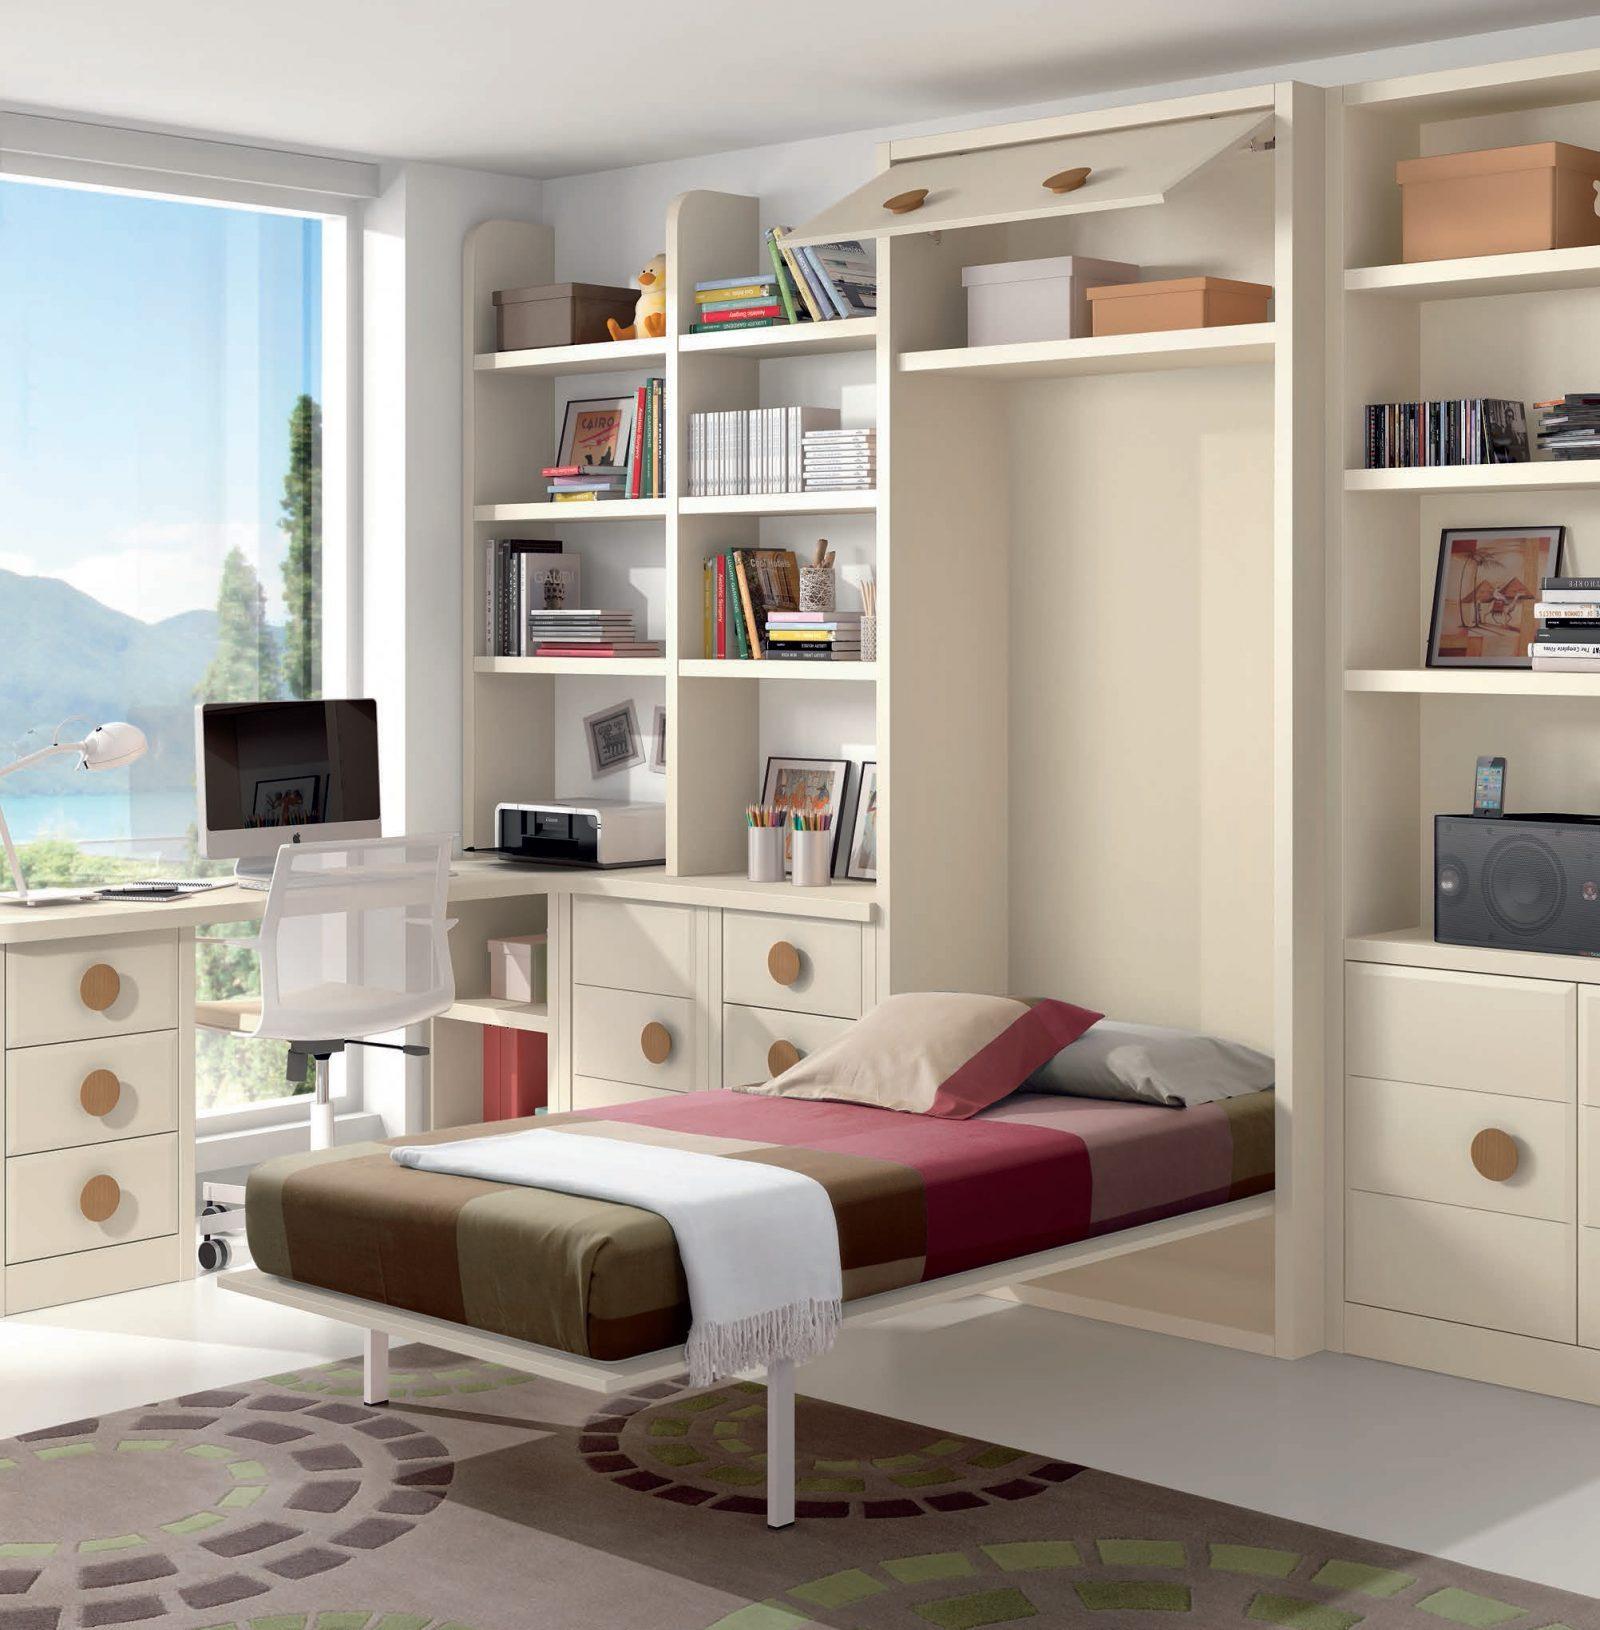 Mueble juvenil e infantil dados mobiliario hd - Mueble juvenil diseno ...